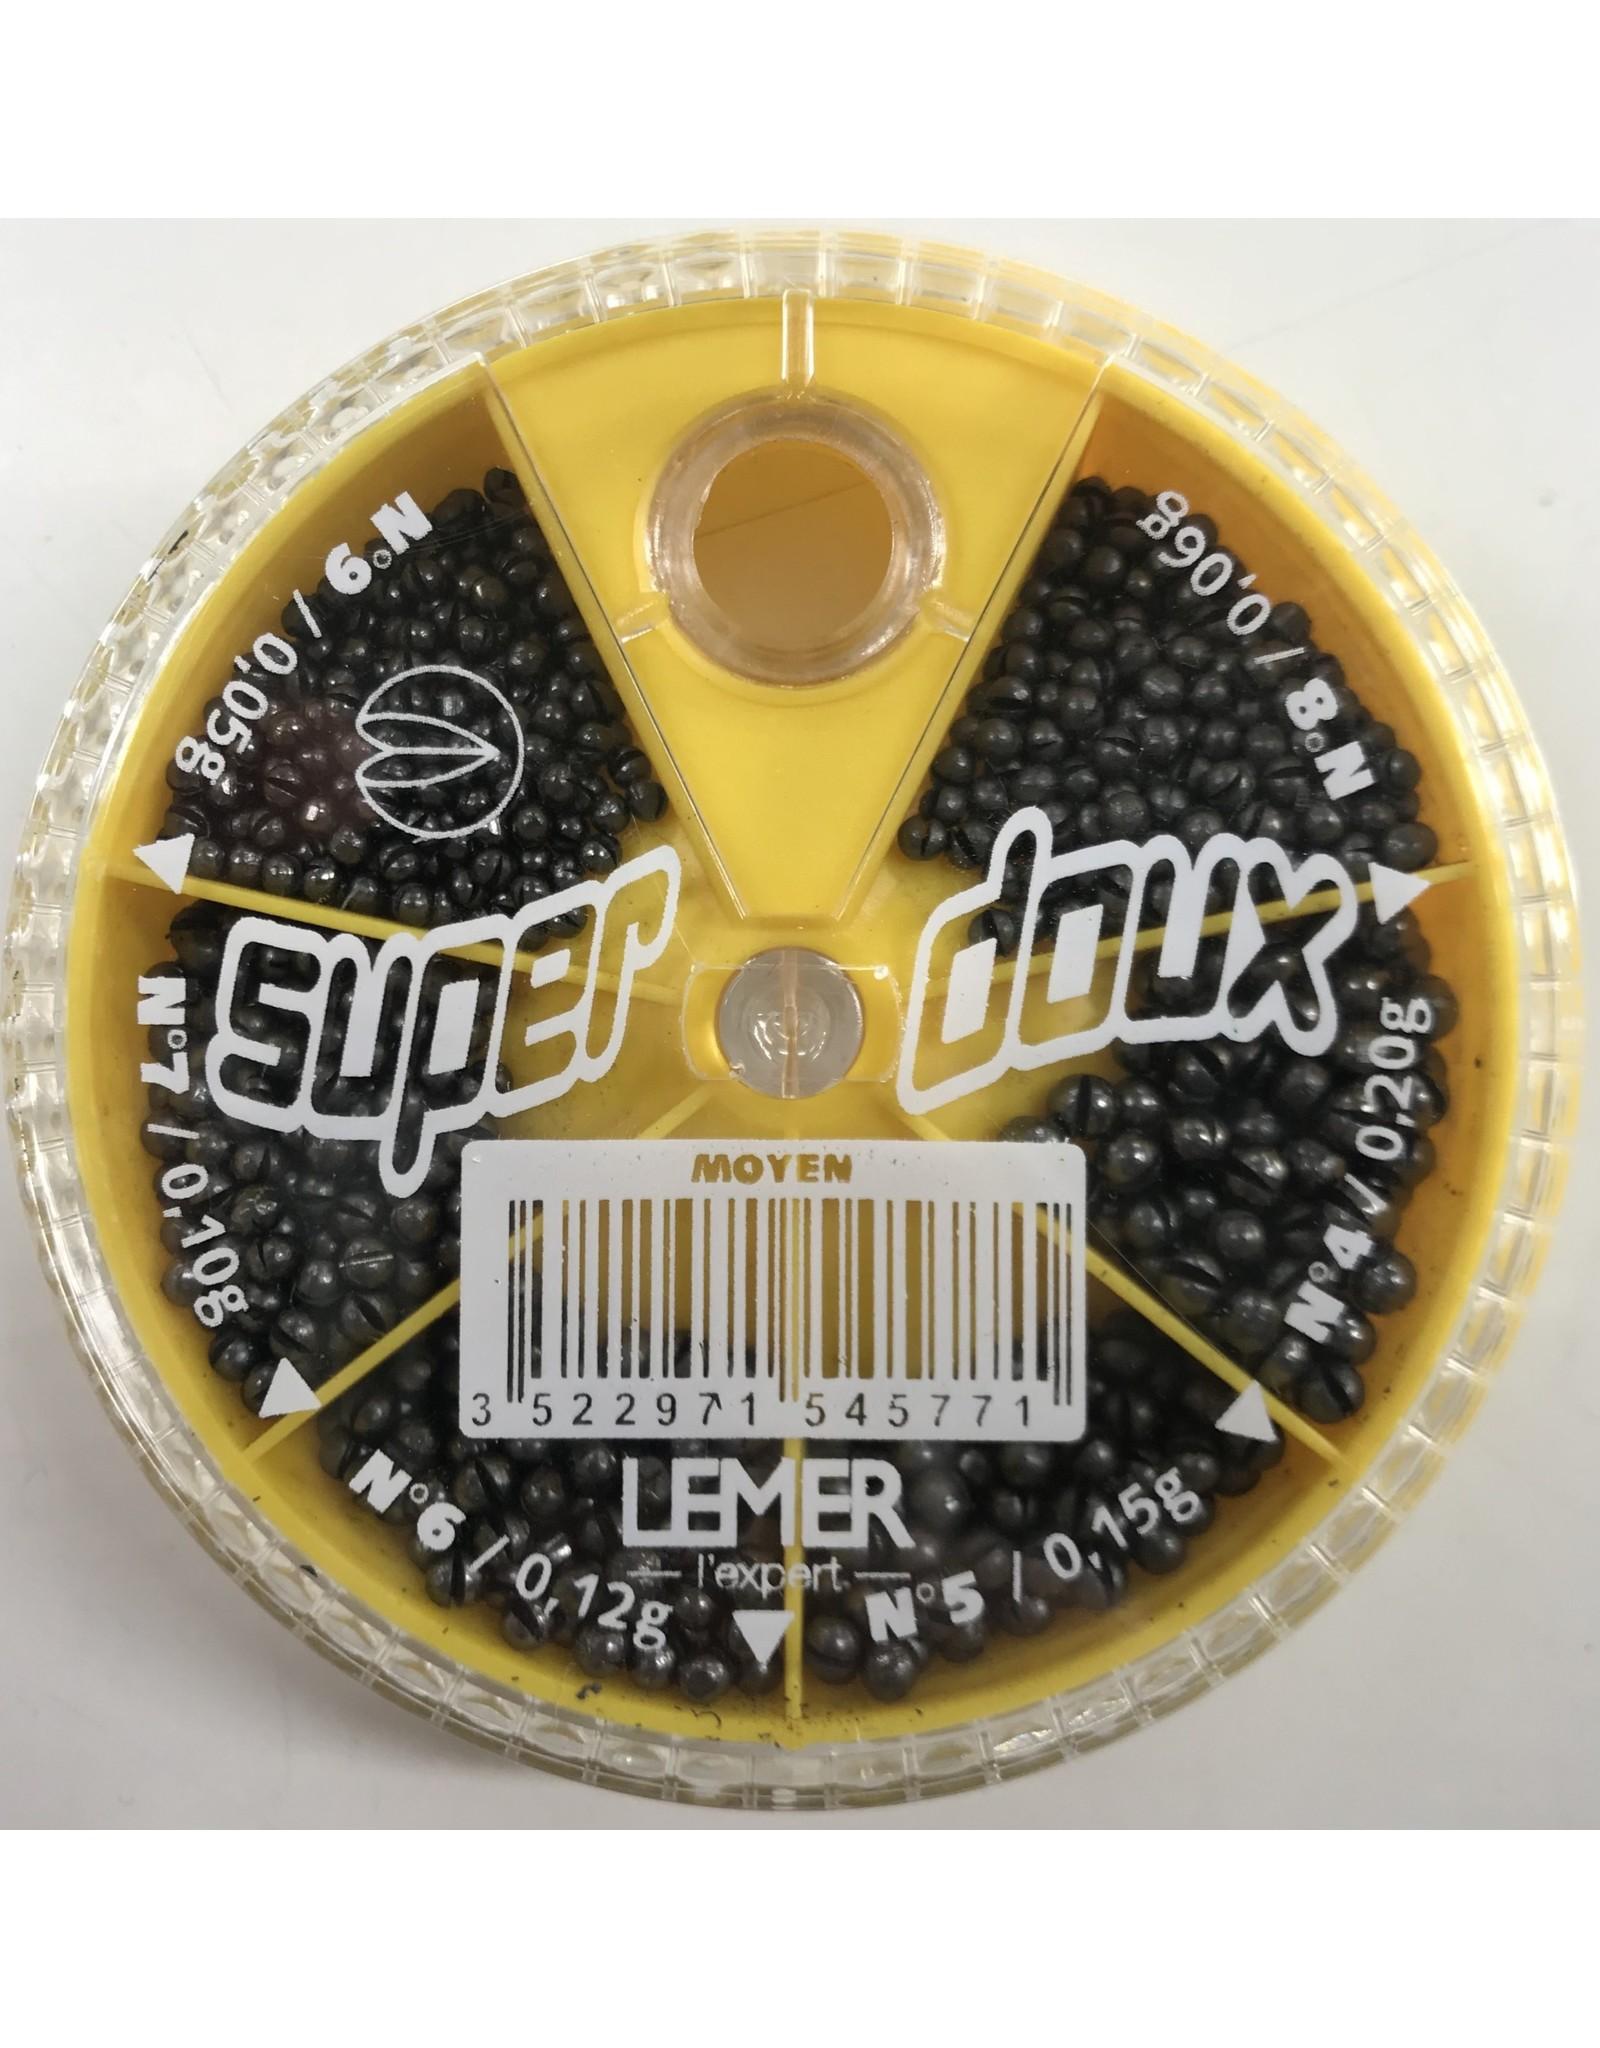 LEMER LEMER 6-V SUPER DOUX MOYEN 4-9